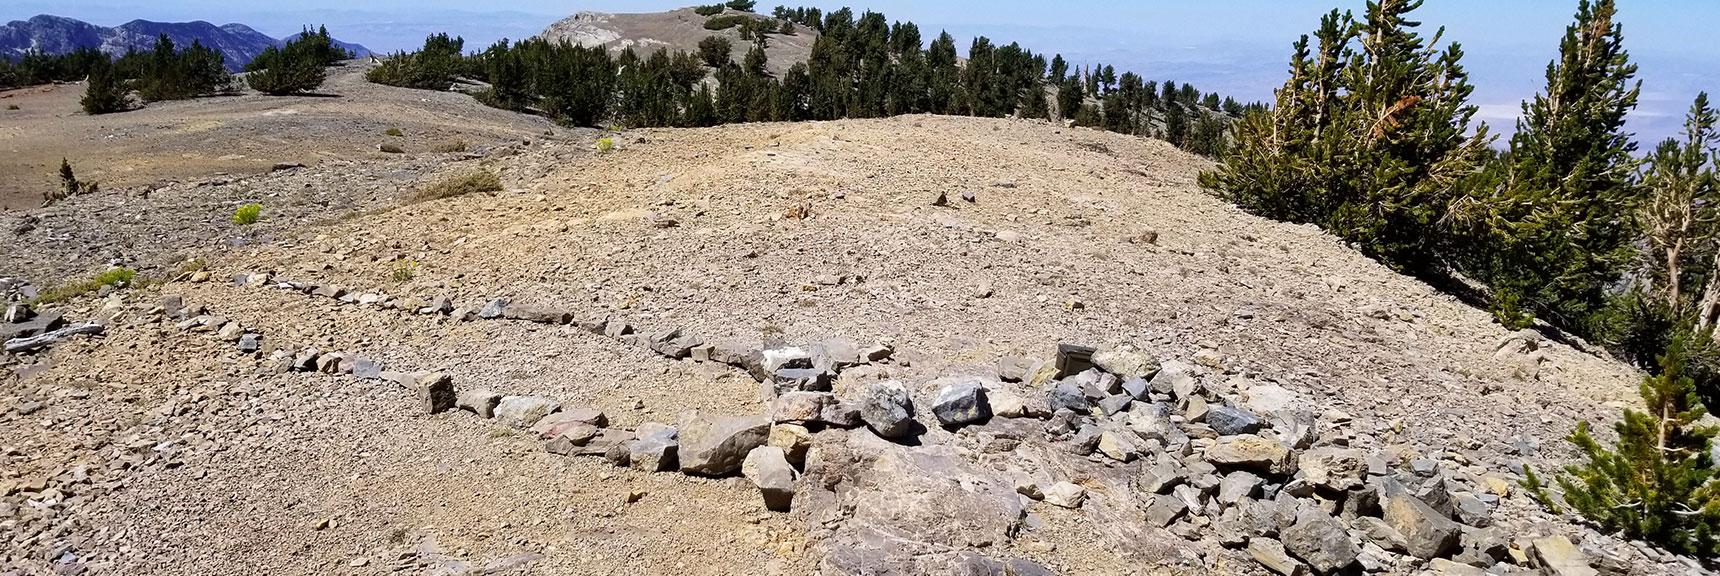 Summit of Mummy Mountain, Nevada